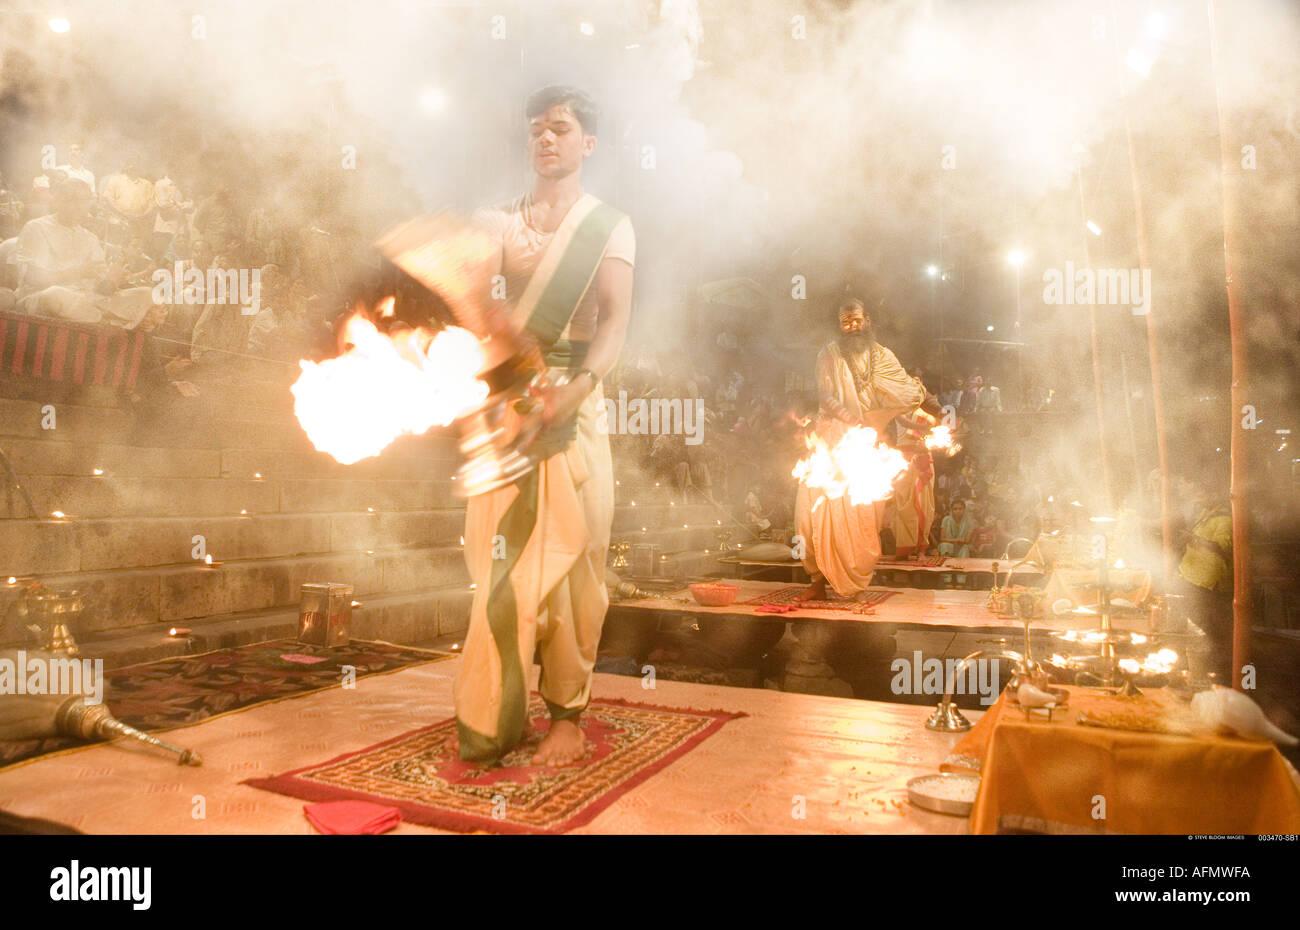 Los hombres santos hindúes realizan ceremonia religiosa puya Varanasi India Imagen De Stock